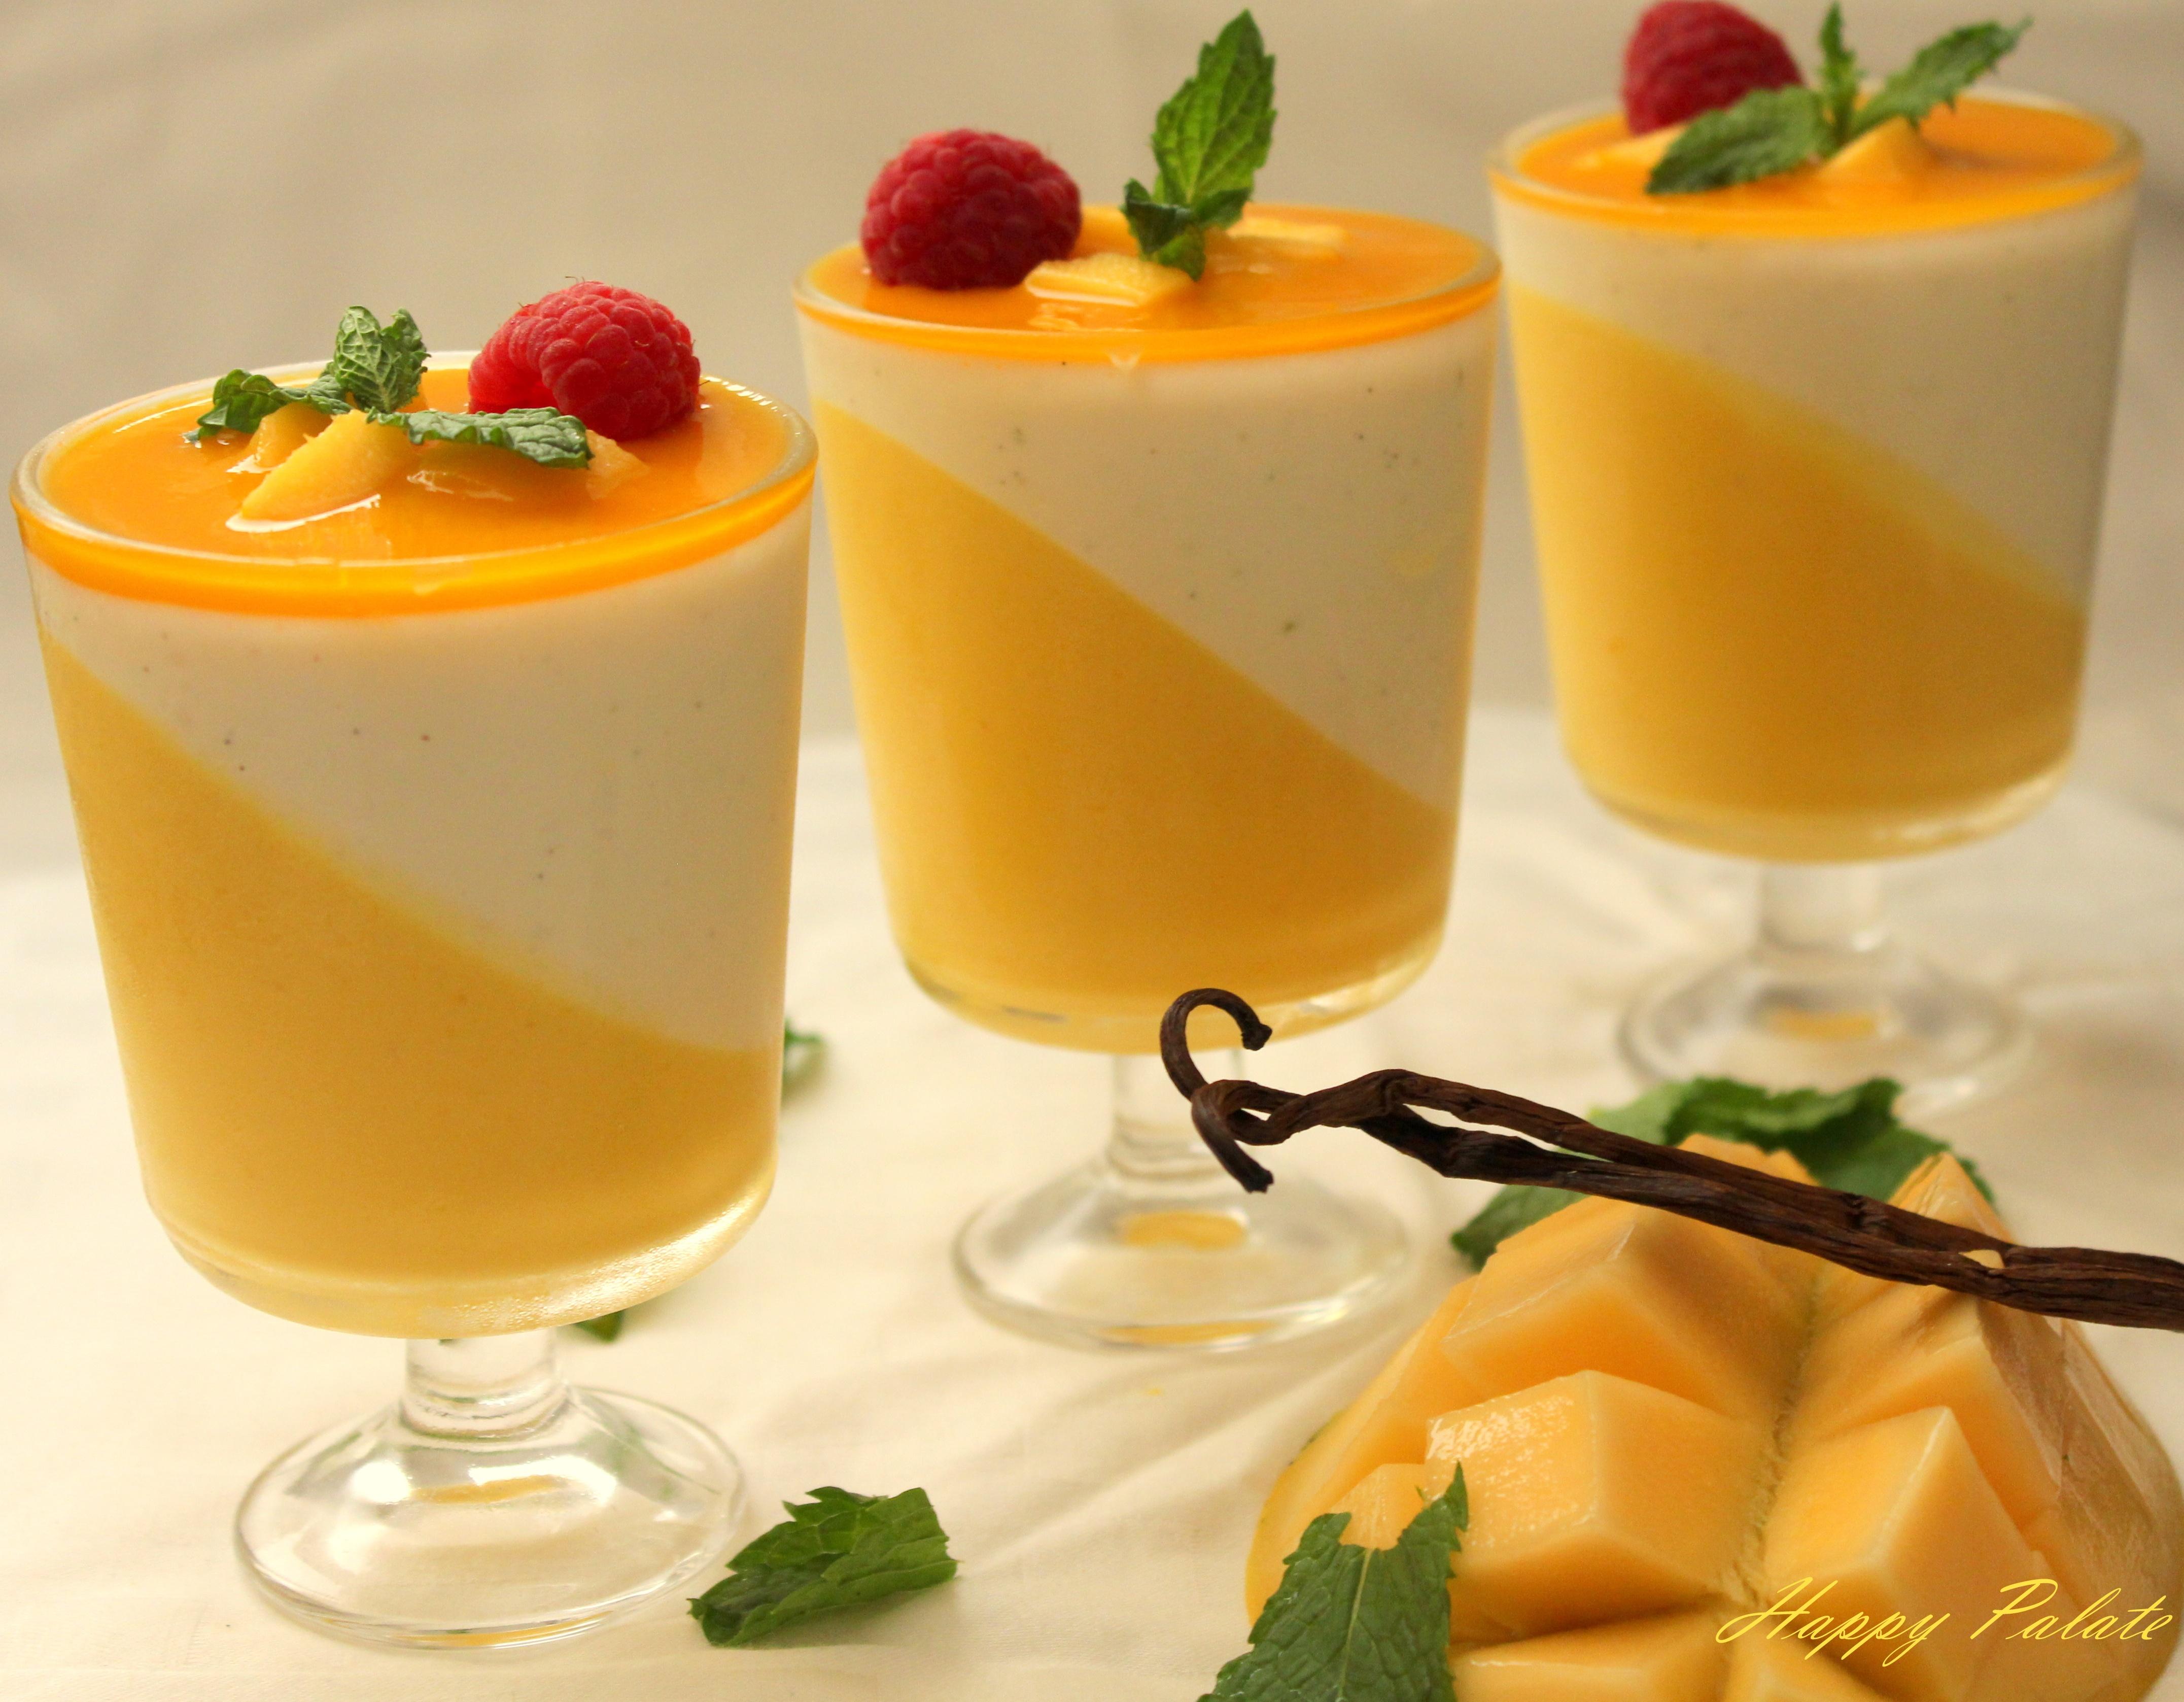 panna cotta mango panna cotta recipe deseada de pulpa de mango jasmine ...